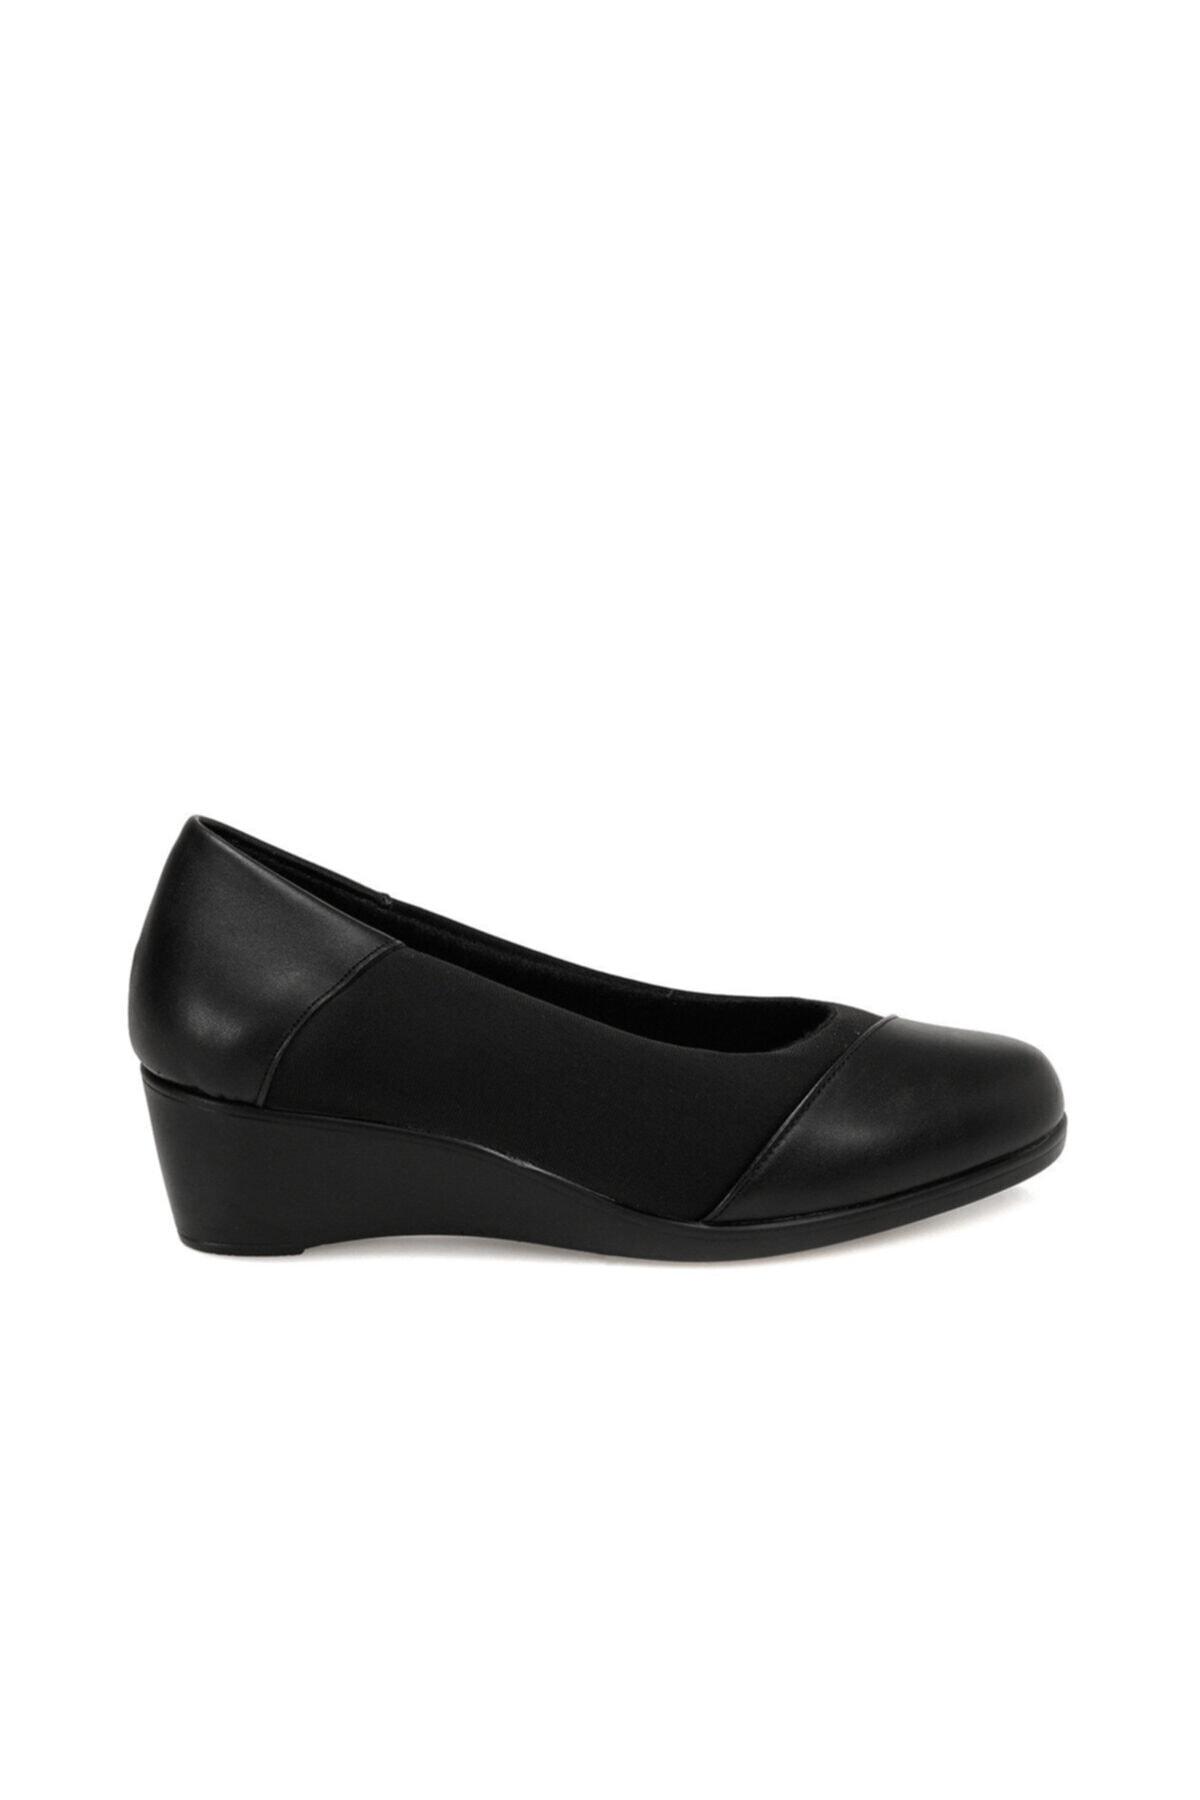 Polaris 161389.Z Siyah Kadın Comfort Ayakkabı 100548490 2